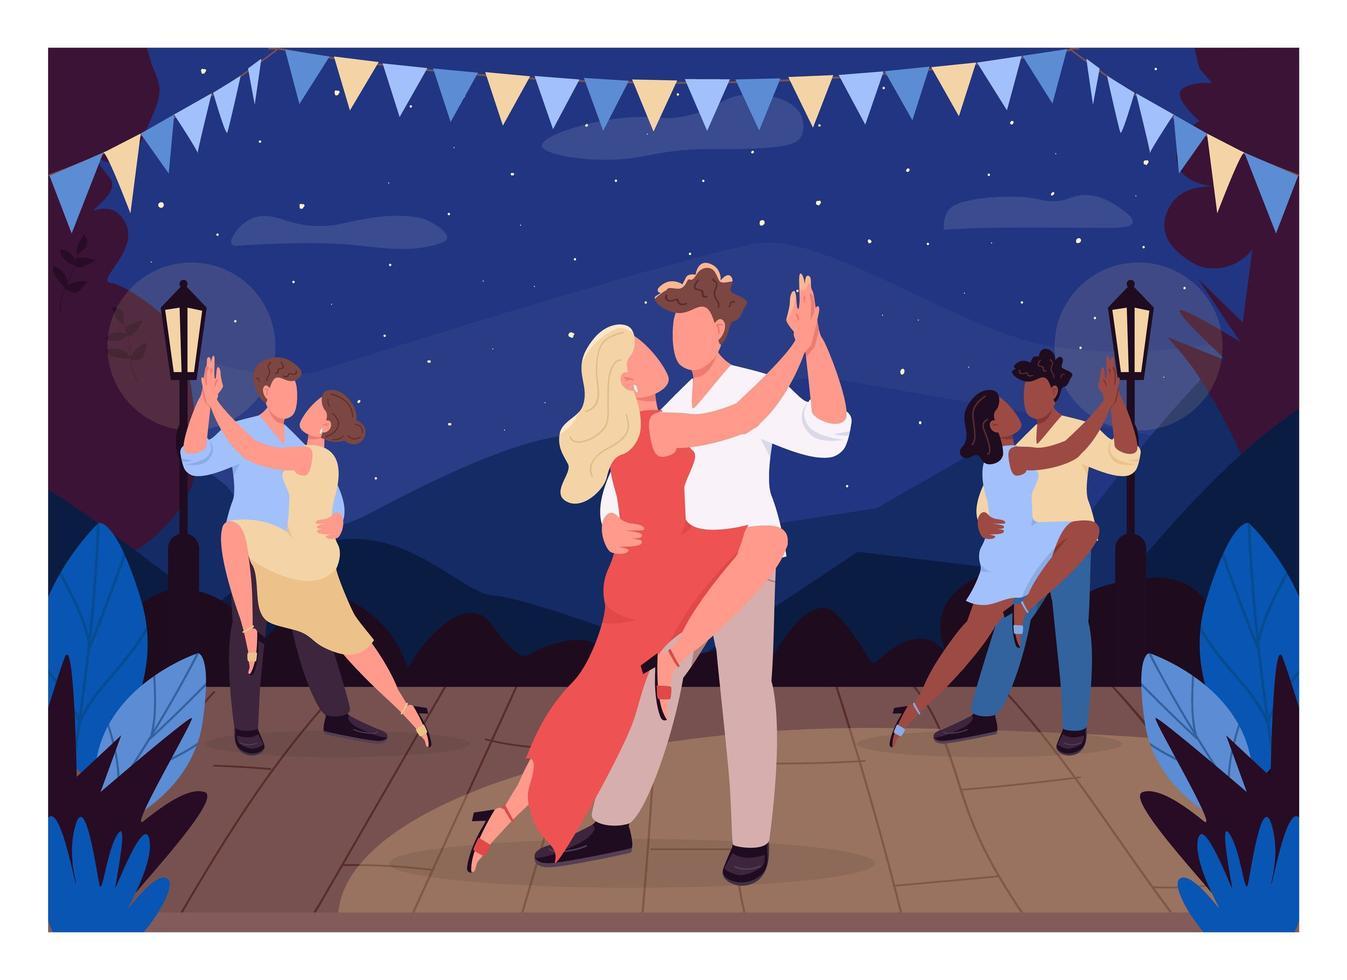 la gente balla sul palco illustrazione vettoriale di colore piatto